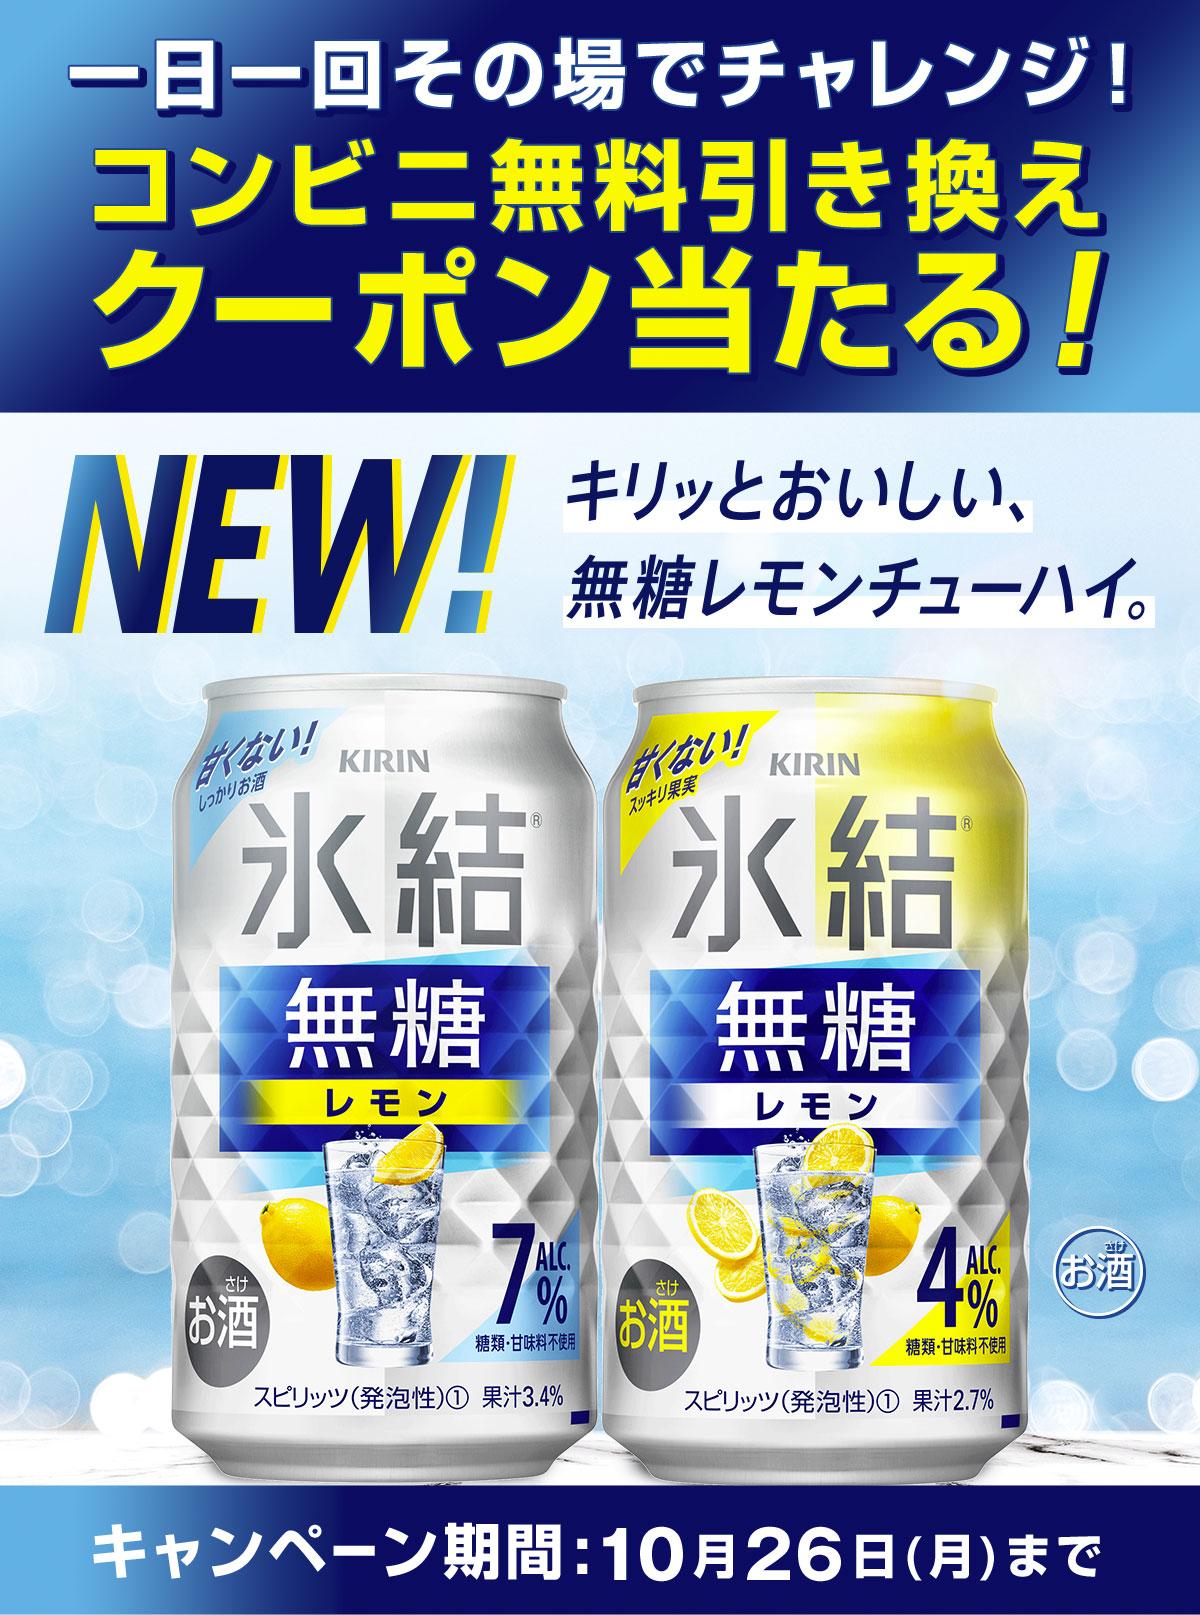 キリン 氷結 無糖 レモンが抽選で45万名にその場で当たる。コンビニで引き換え可能。~10/25。